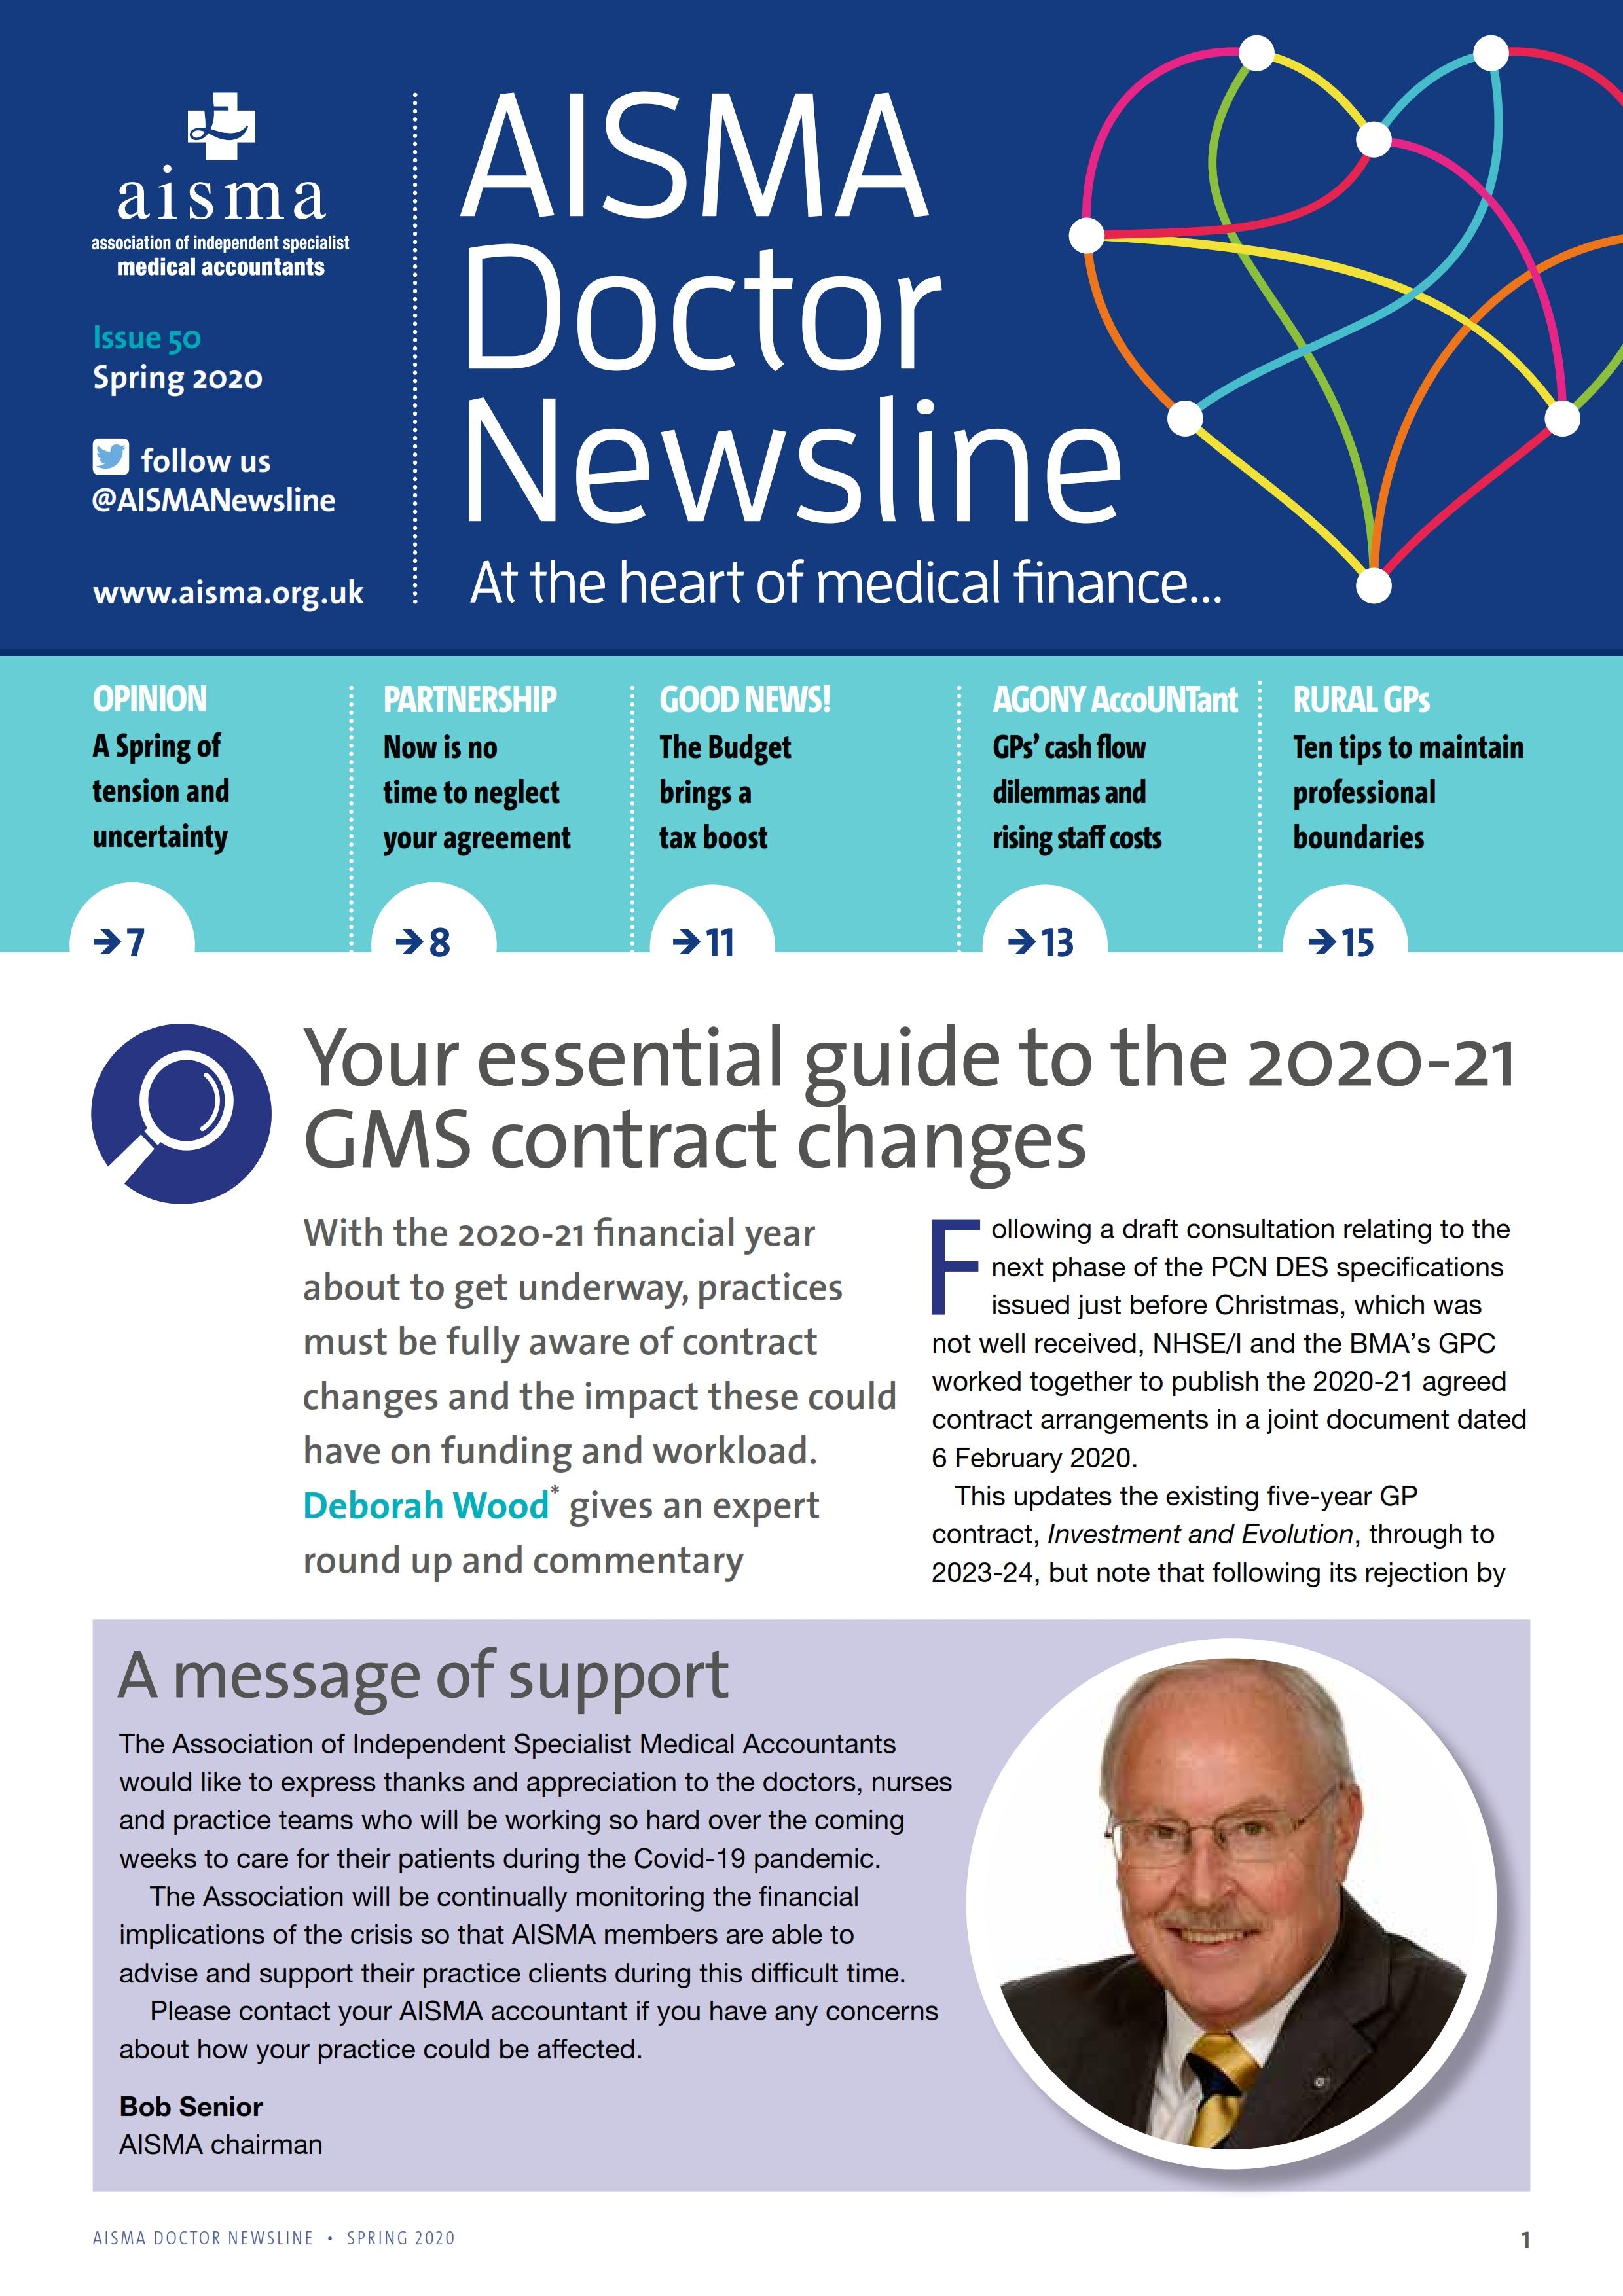 AISMA Doctor Newsline Spring 2020